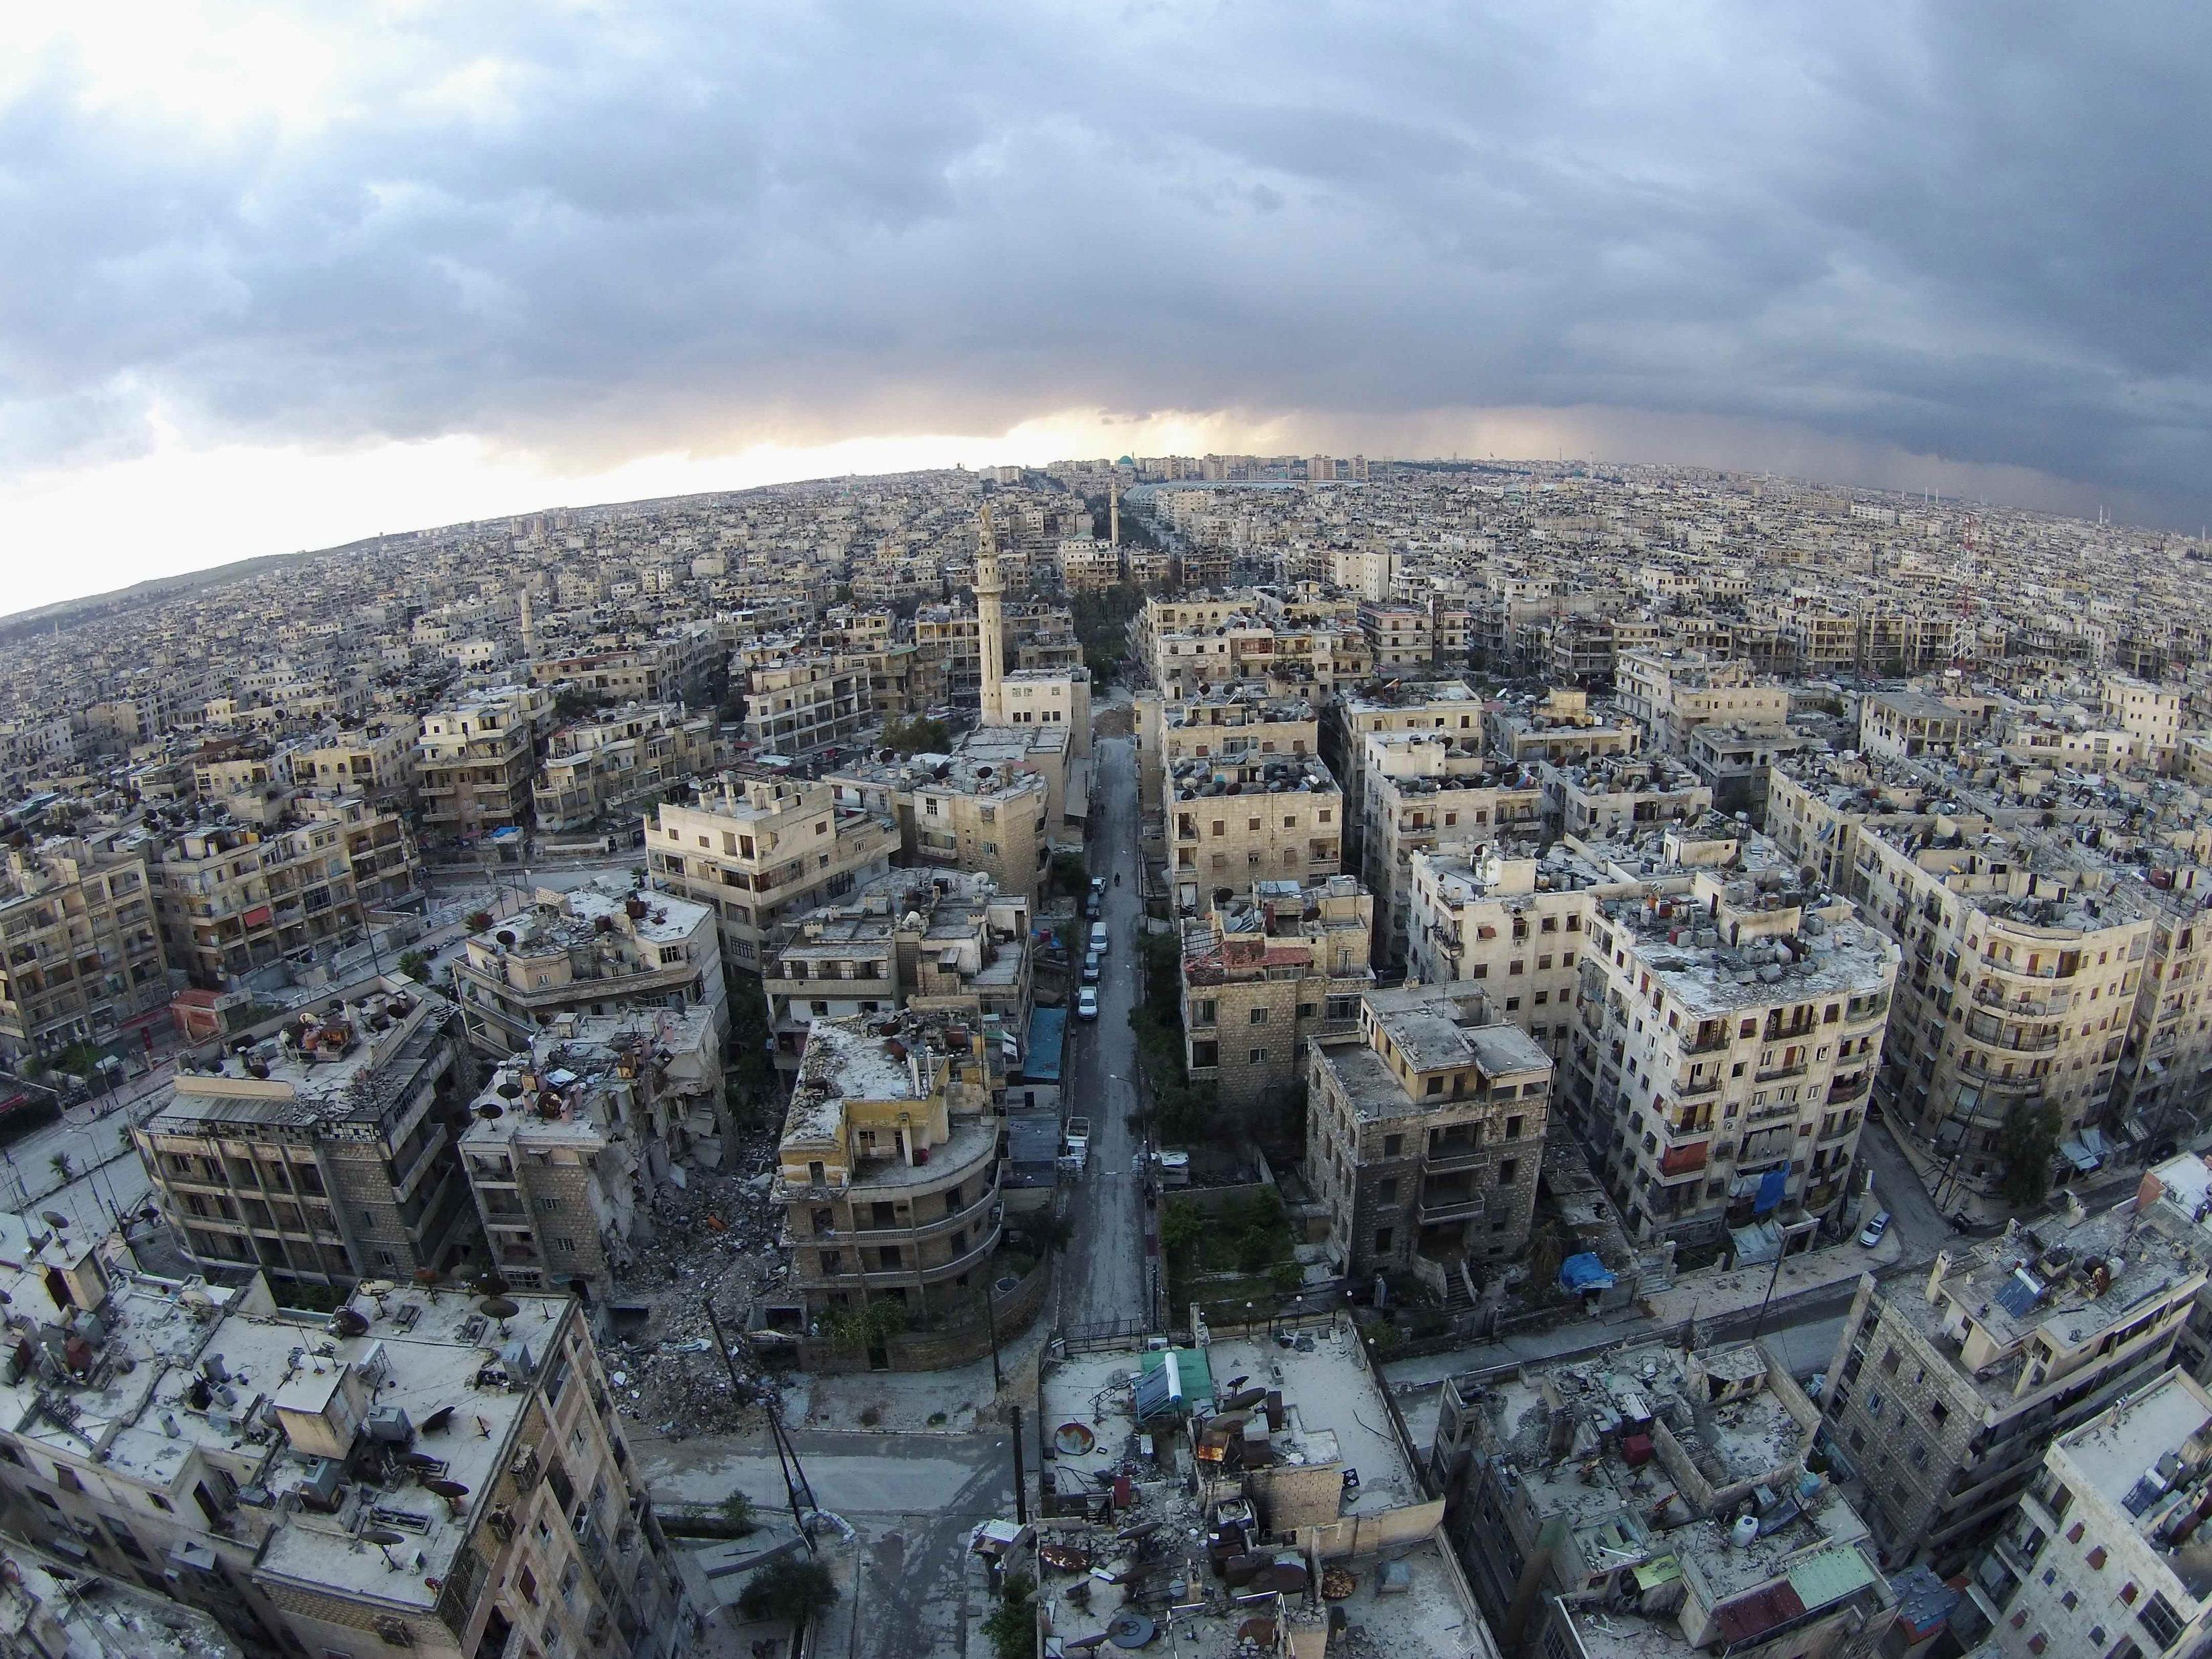 Pogled iz zraka na četvrt Seif El Dawla u Alepu